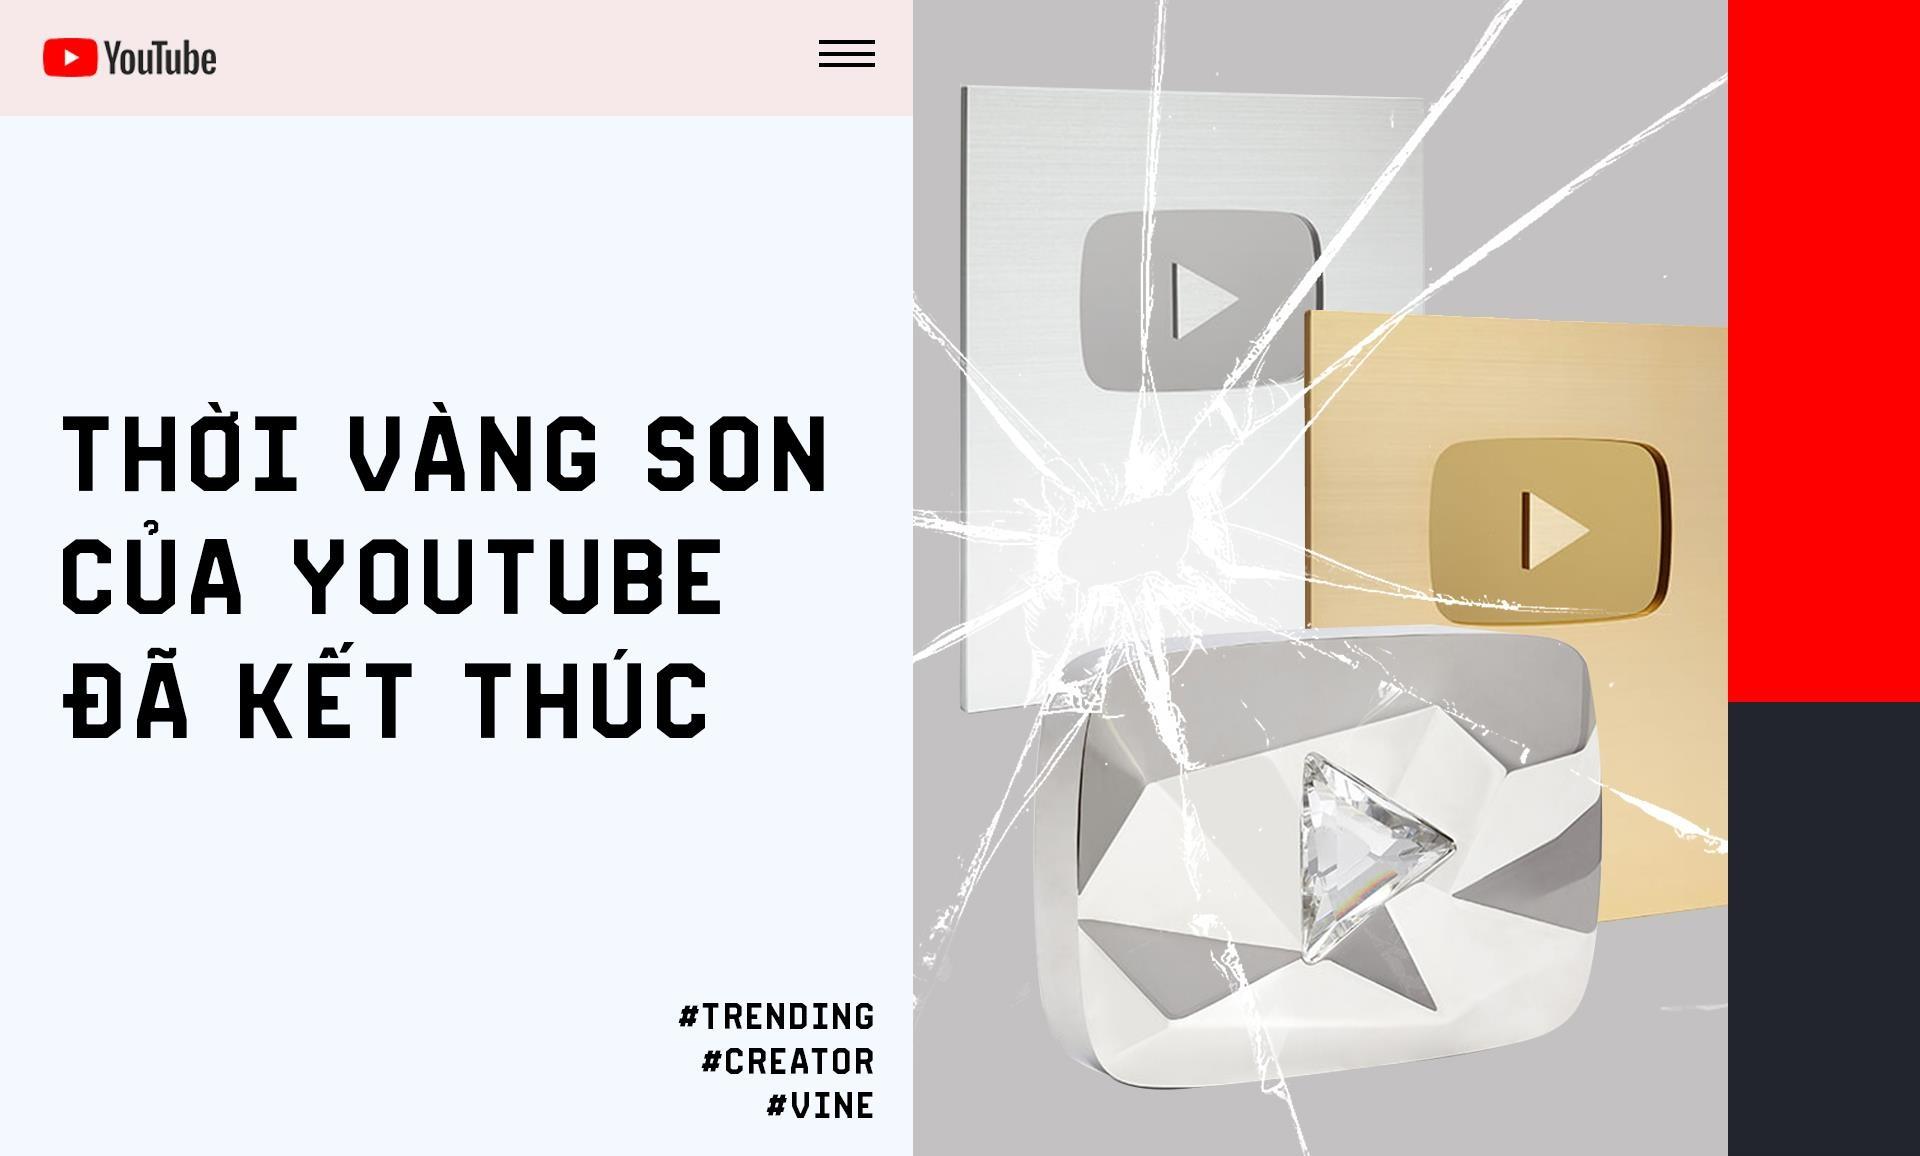 Thoi vang son cua YouTube da ket thuc hinh anh 2